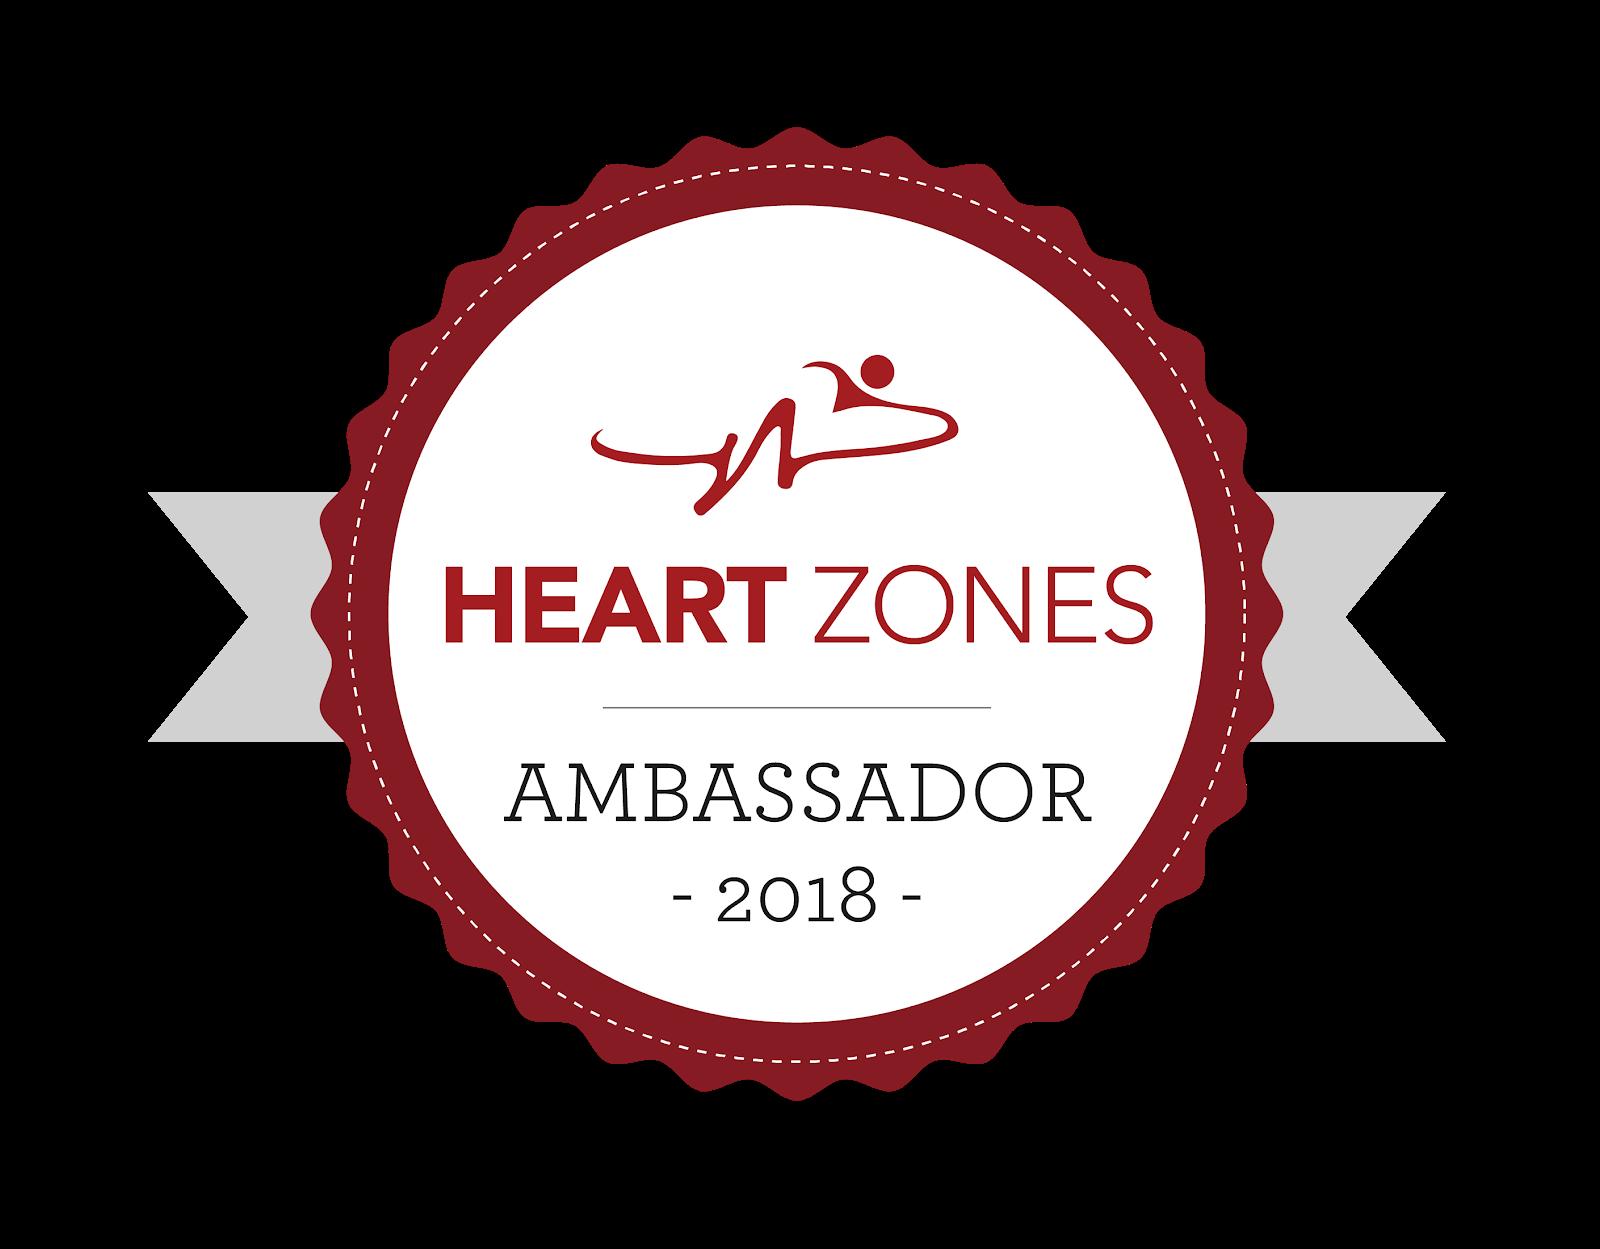 Heart Zones Ambassador